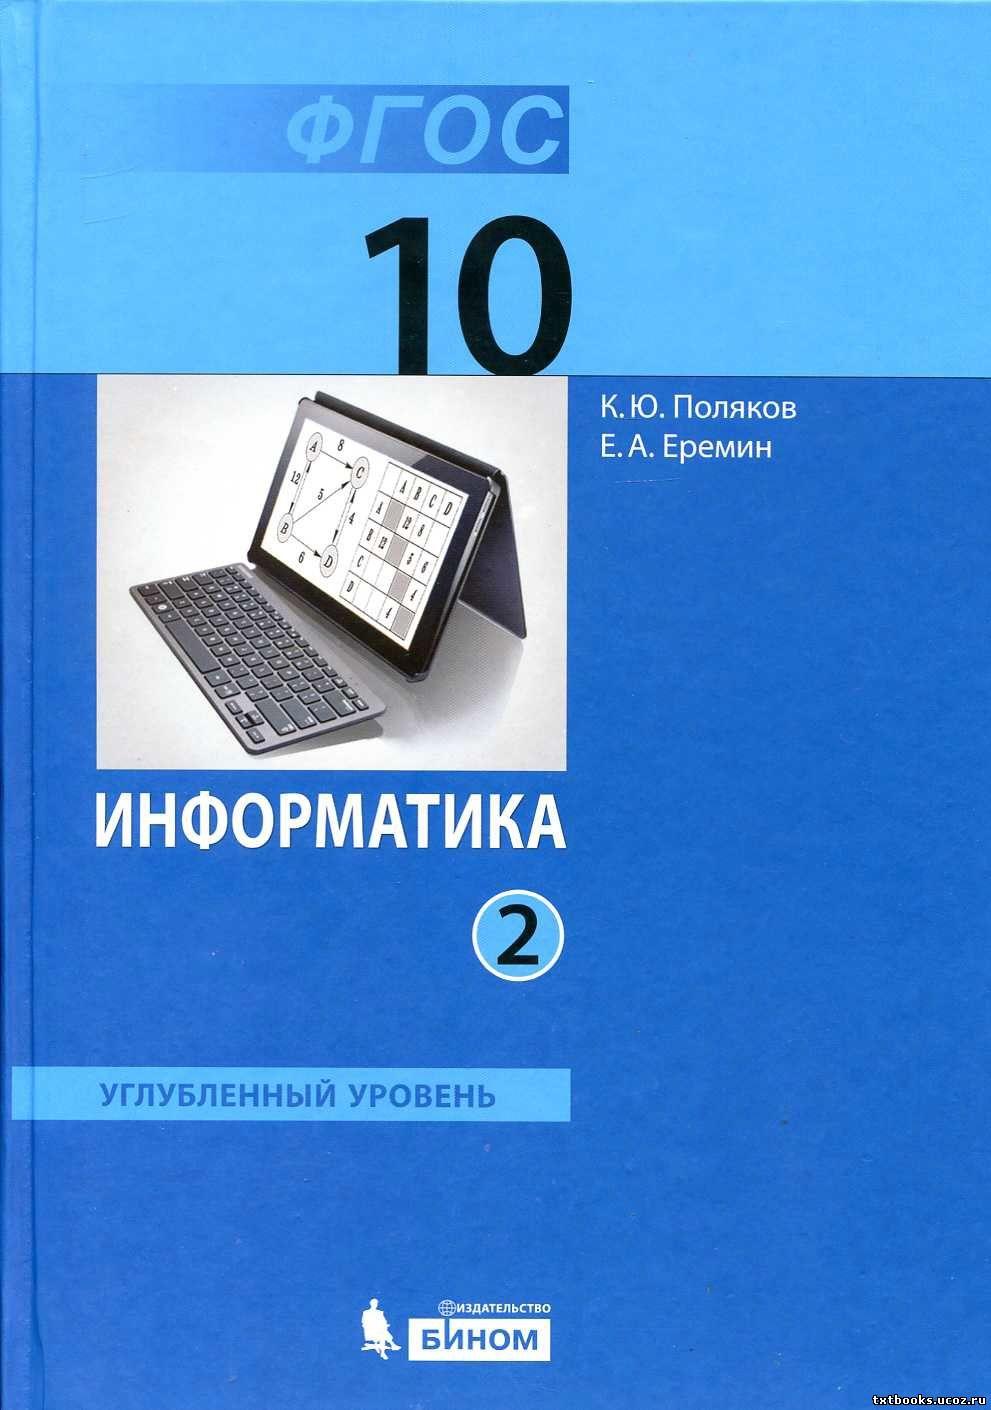 Гдз по информатике 7 класс поляков еремин